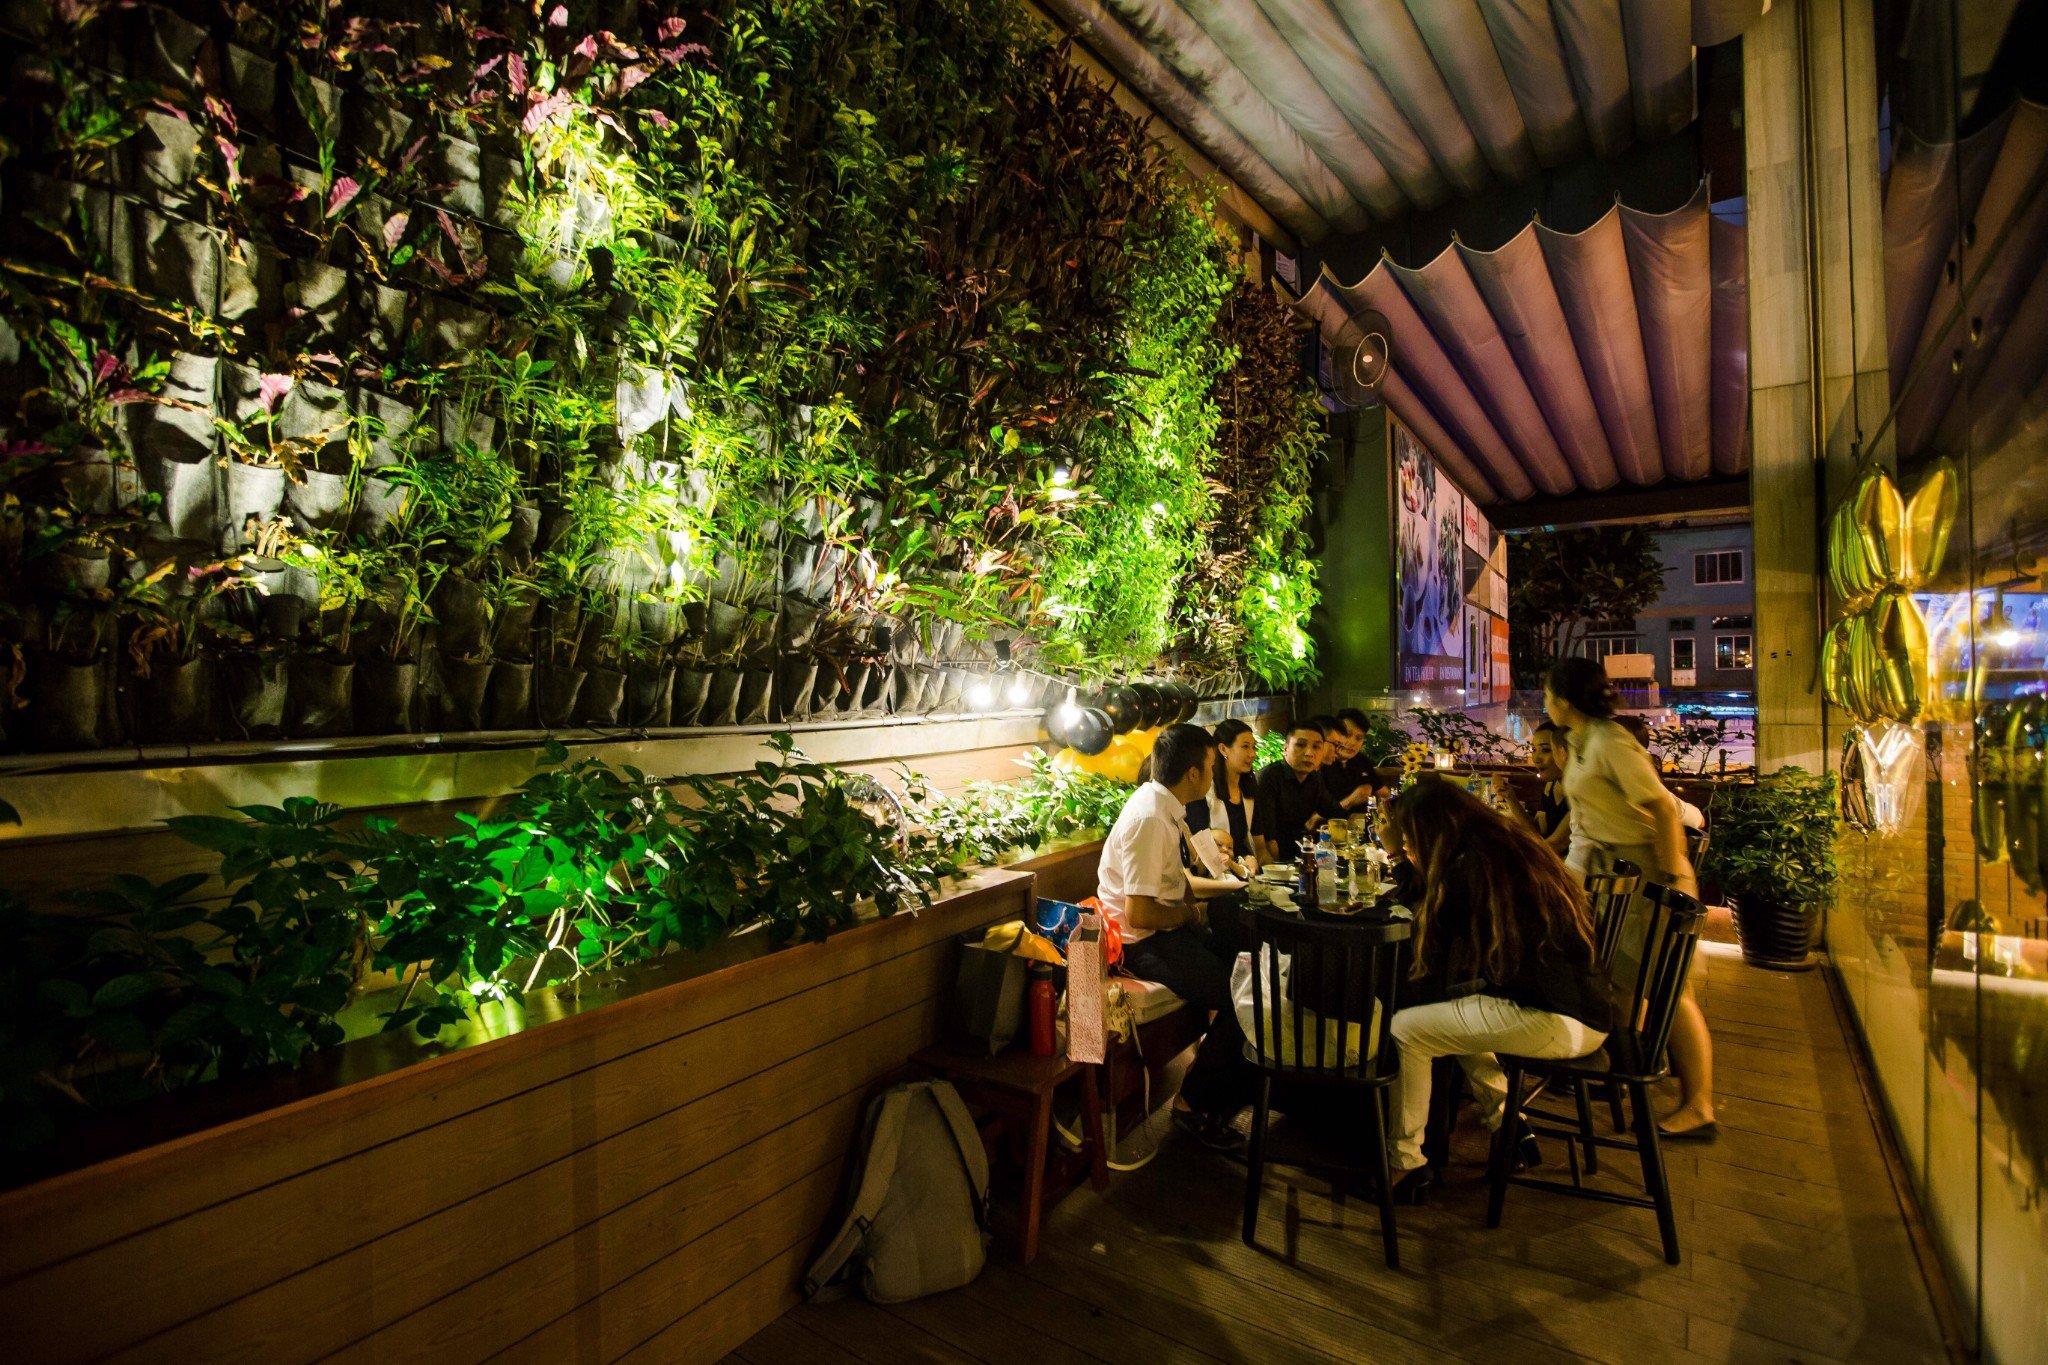 5 quán cà phê sân vườn thích hợp làm địa điểm họp lớp ngày 20/11 ở TP HCM - Ảnh 19.